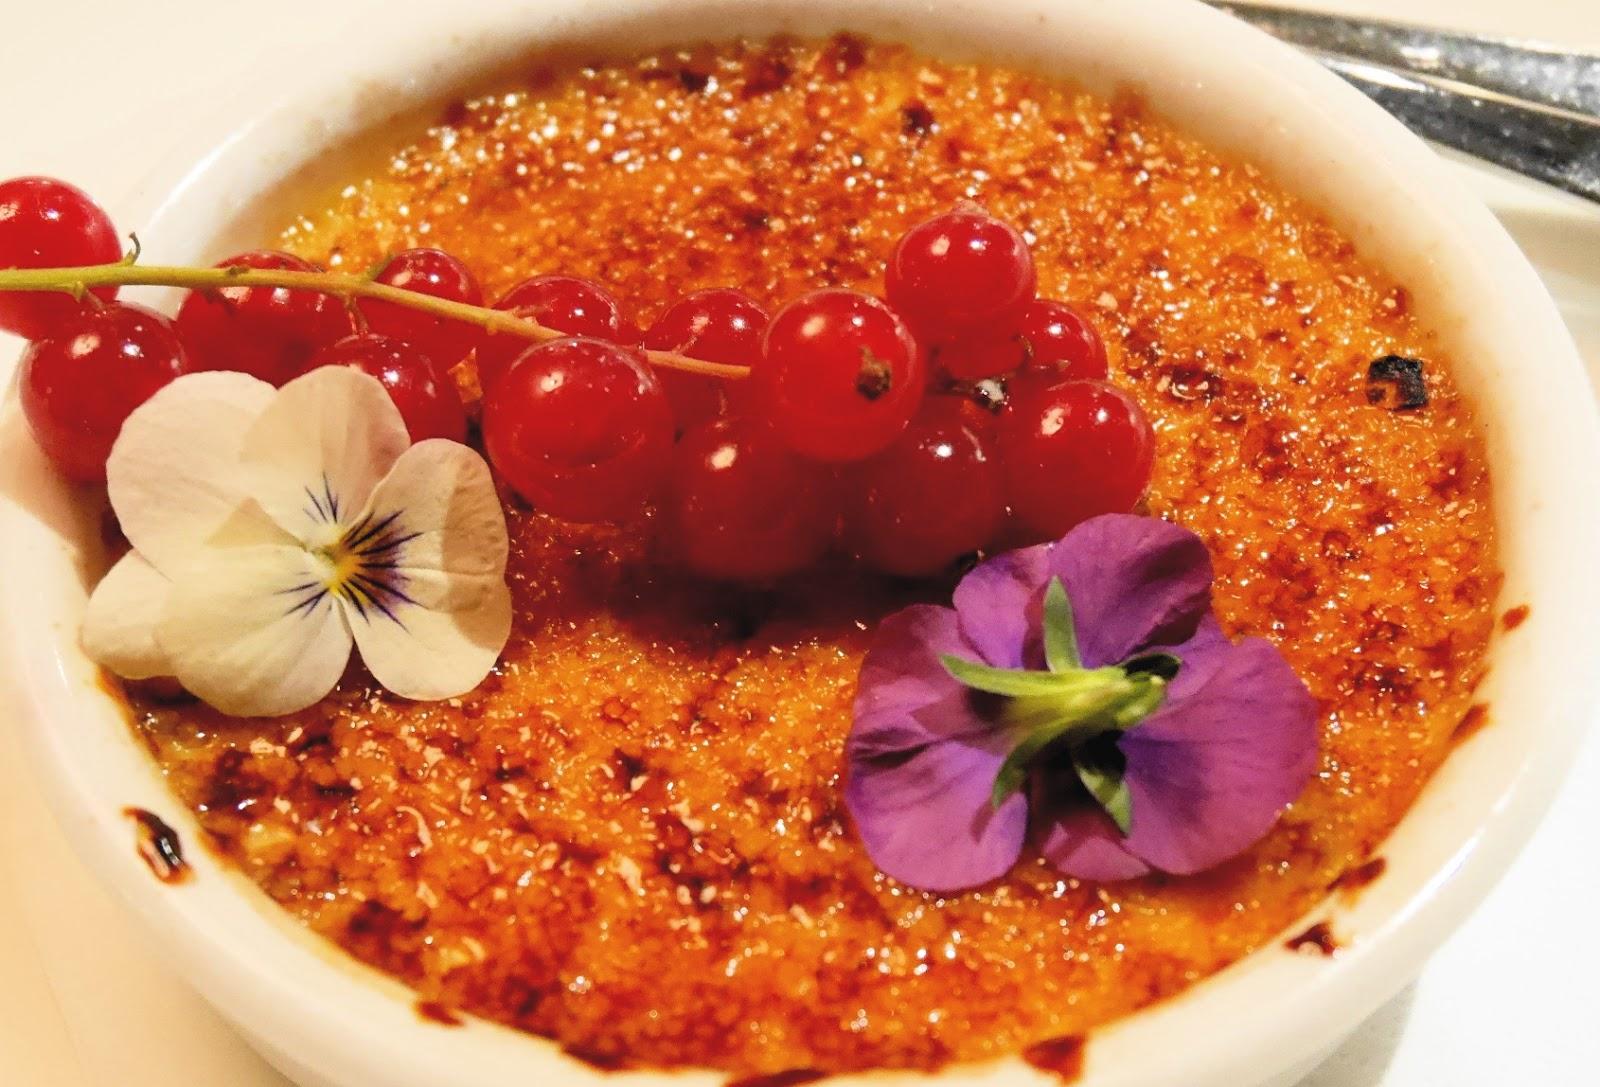 Dinner4U2  Italialainen illallinen Trattoria Seurahuoneella! 9b633541a6